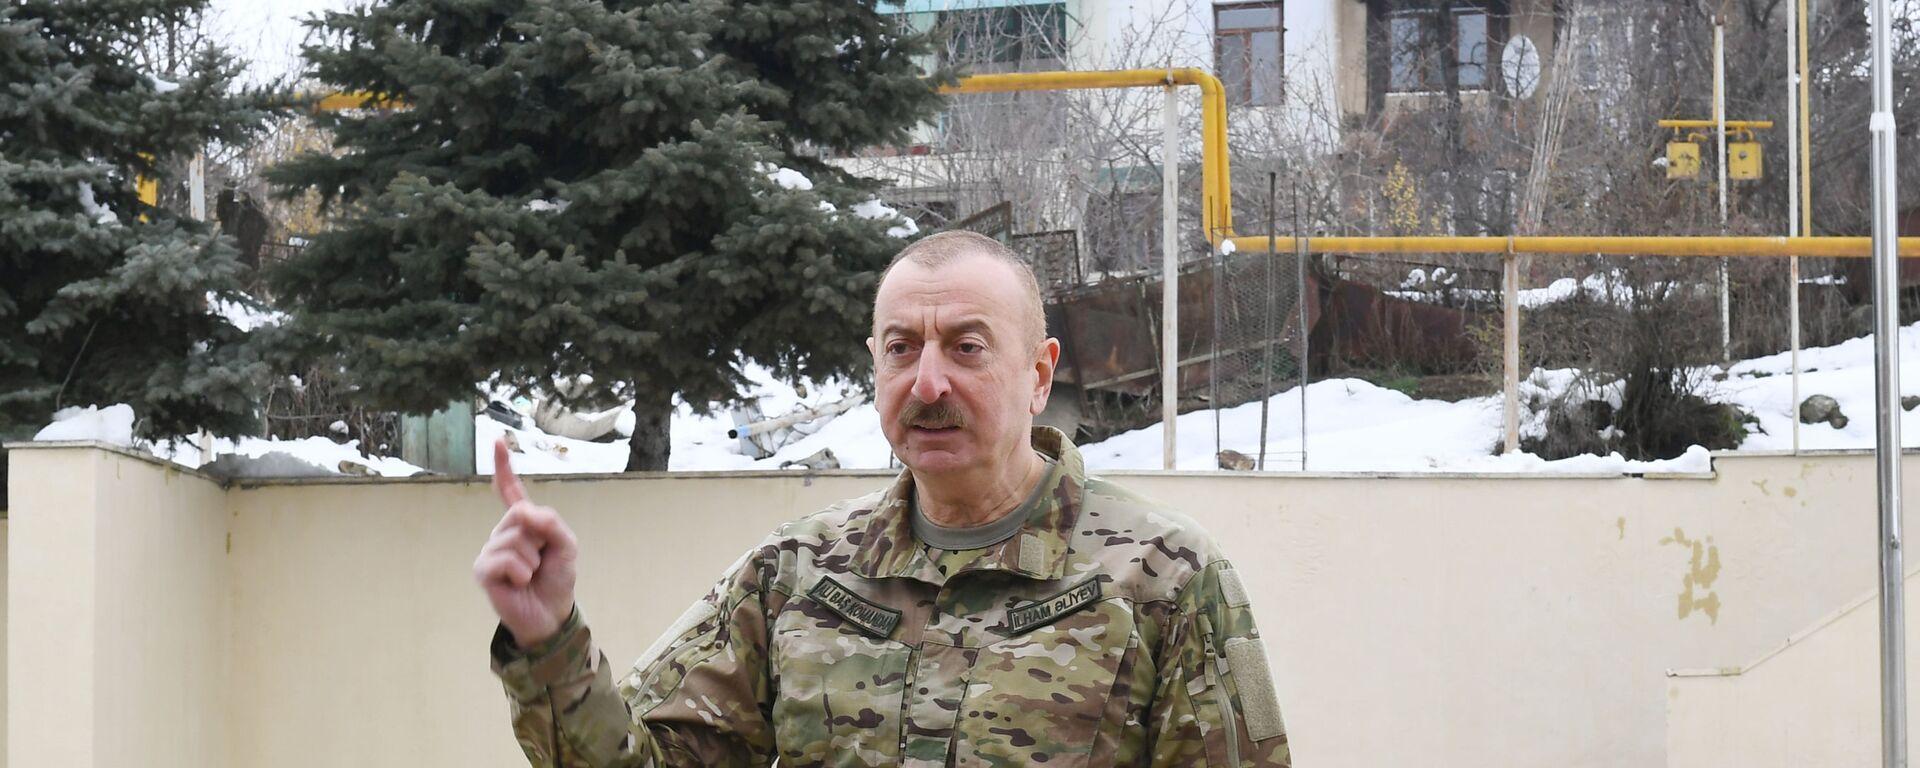 Президент Ильхам Алиев посетил Физулинский и Ходжавендский районы - Sputnik Азербайджан, 1920, 16.03.2021